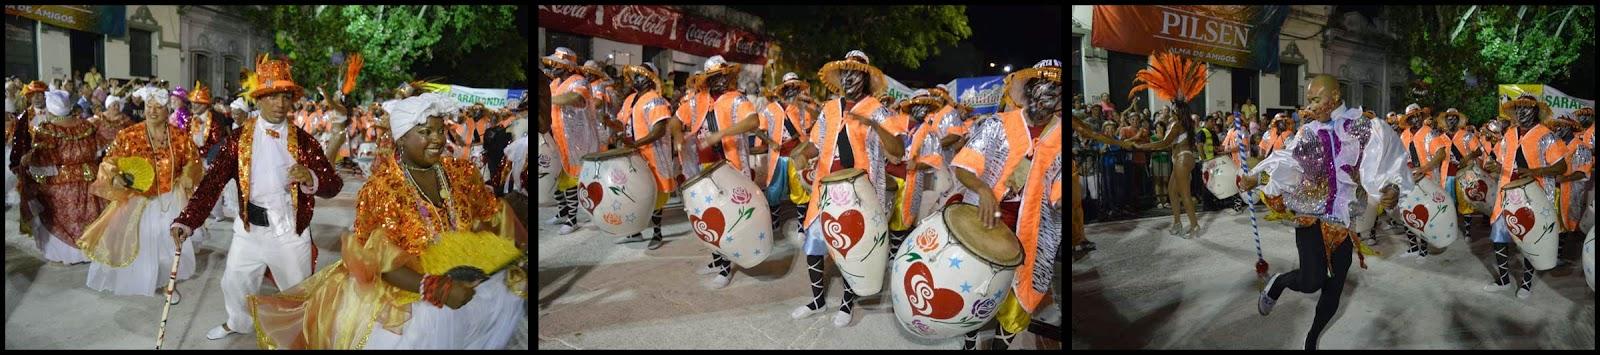 Carnaval. Desfile de Llamadas. Sarabanda.